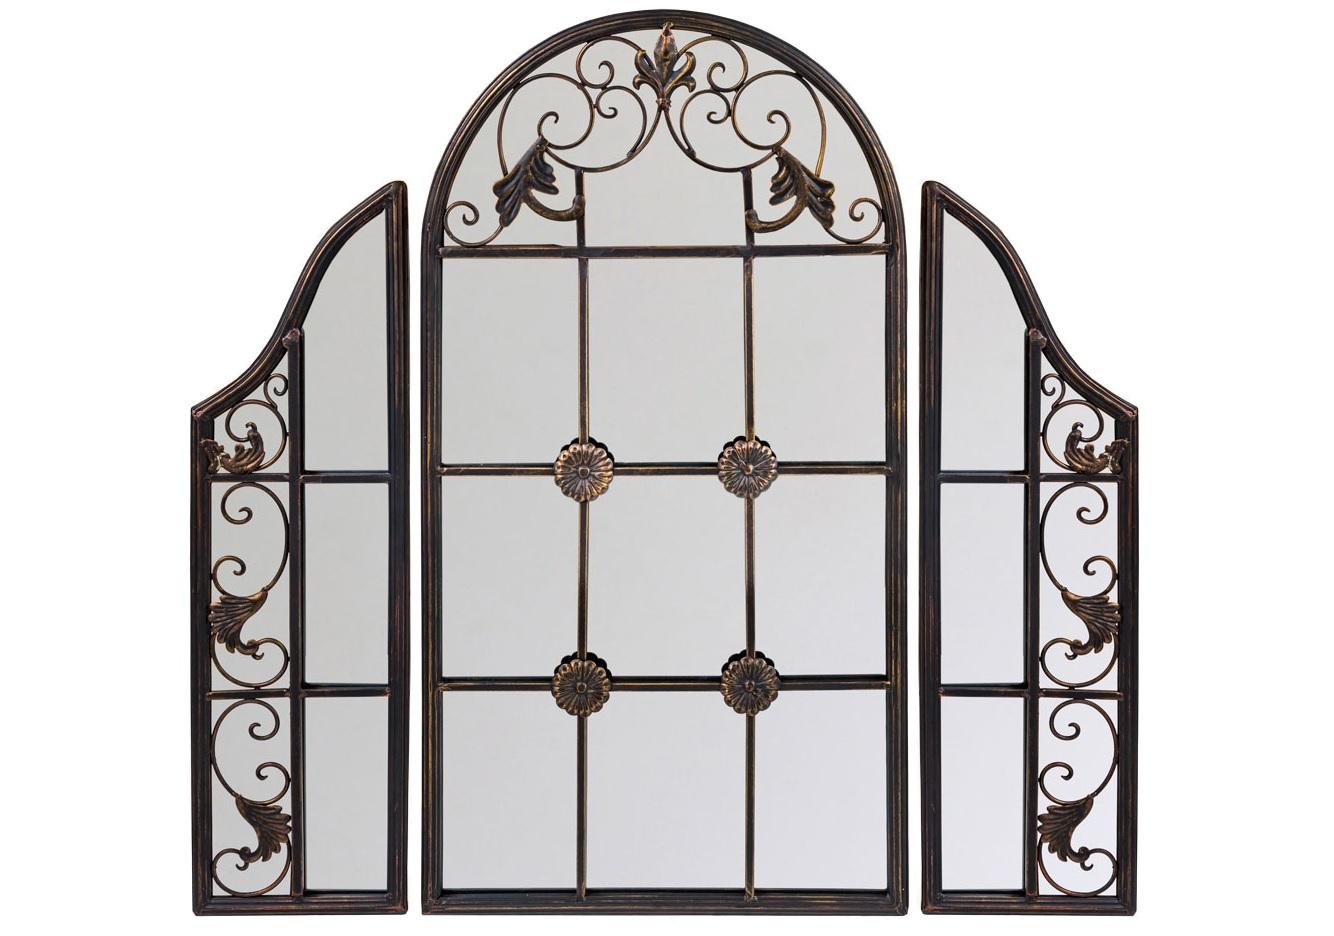 Настенное зеркало СильвестраНастенные зеркала<br>Зеркало &amp;quot;Сильвестра&amp;quot; с первого взгляда поглощает воображение, - поражает изобретательным дизайном, нарядившим ретро-трюмо в костюм ширмы и объединившим пышный дворцовый узор с японской экзотикой. Центральная грань зеркала имитирует оконную раму. Зеркальное &amp;quot;окно&amp;quot; - эффектный и экстравагантный имидж старинного поместья, пронизанного атмосферой свежего воздуха и света. Винтажный мотив, исполненный новейшими технологиями, обещает совместимость этой модели с большинством классических и современных жанров.<br><br>Material: Металл<br>Width см: 85<br>Depth см: 2<br>Height см: 85.5